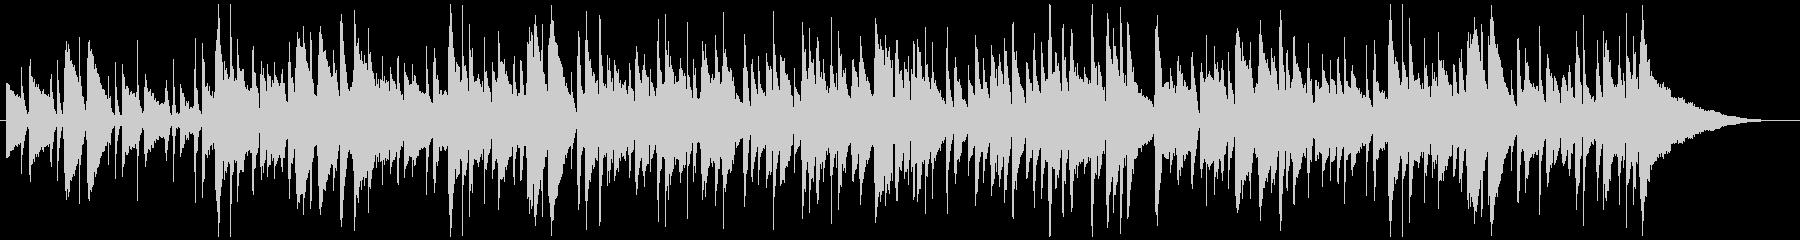 アコースティックギターのシンプル曲生演奏の未再生の波形